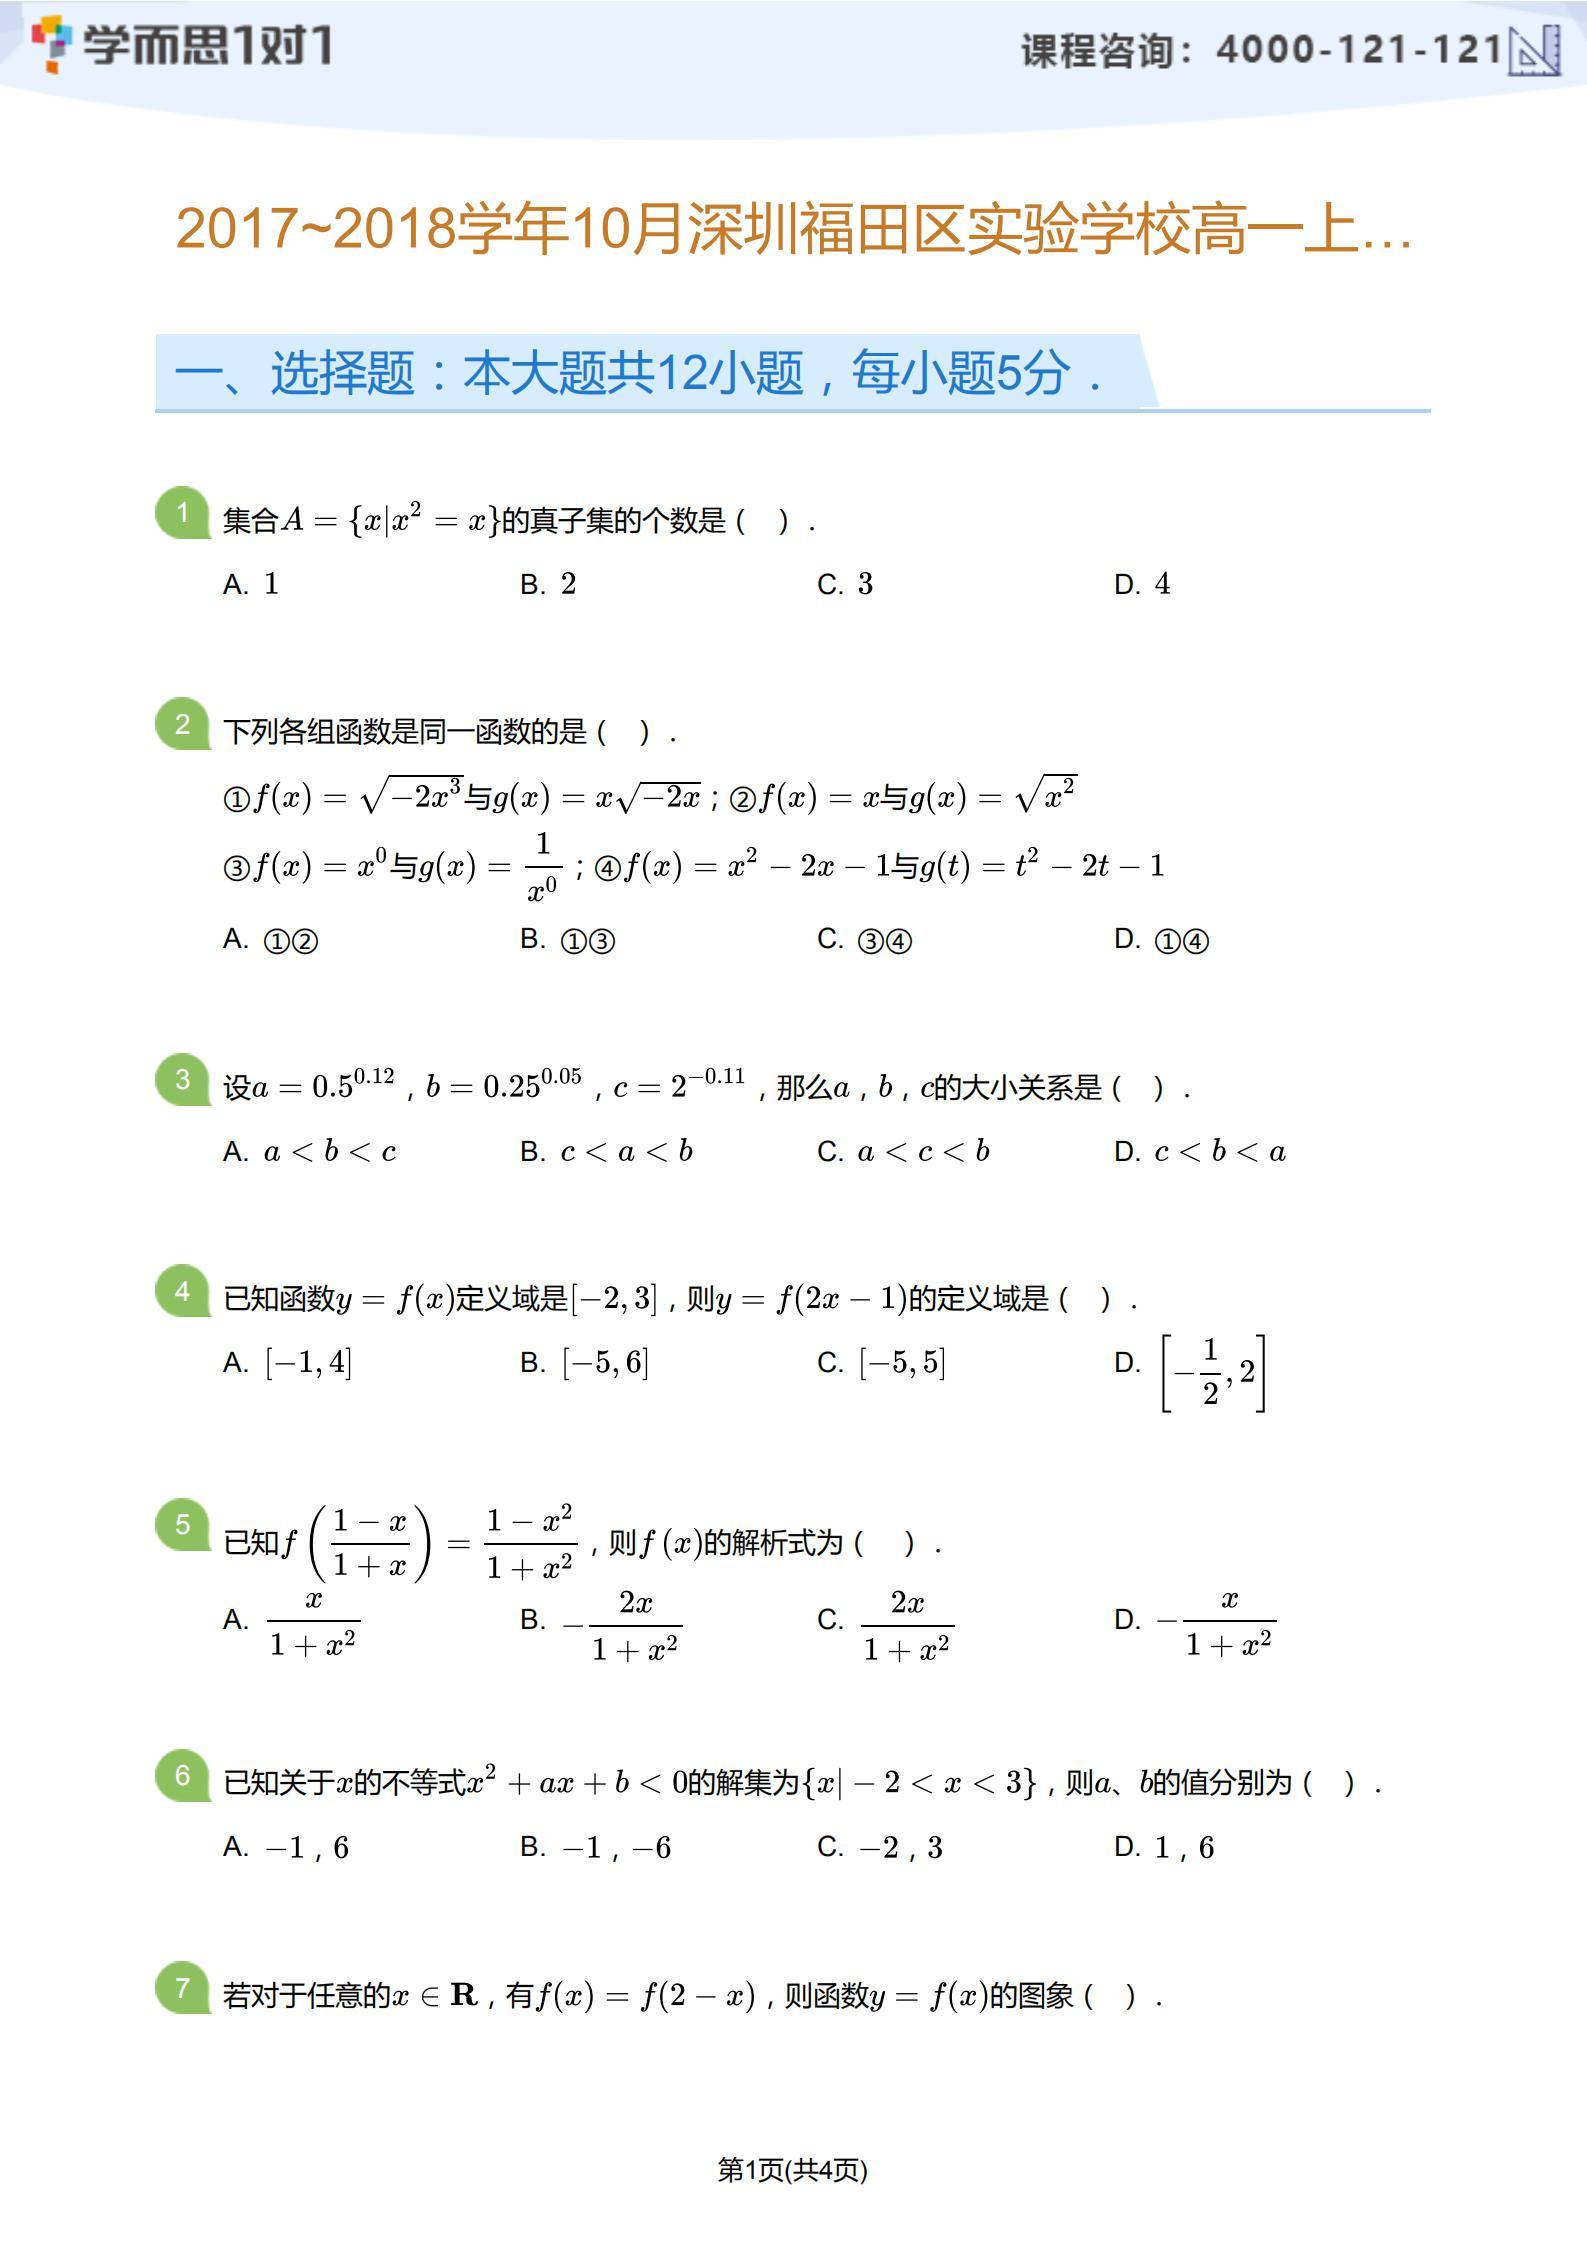 2017-2018学年10月深圳福田区实验学校高一上月考数学试卷及答案